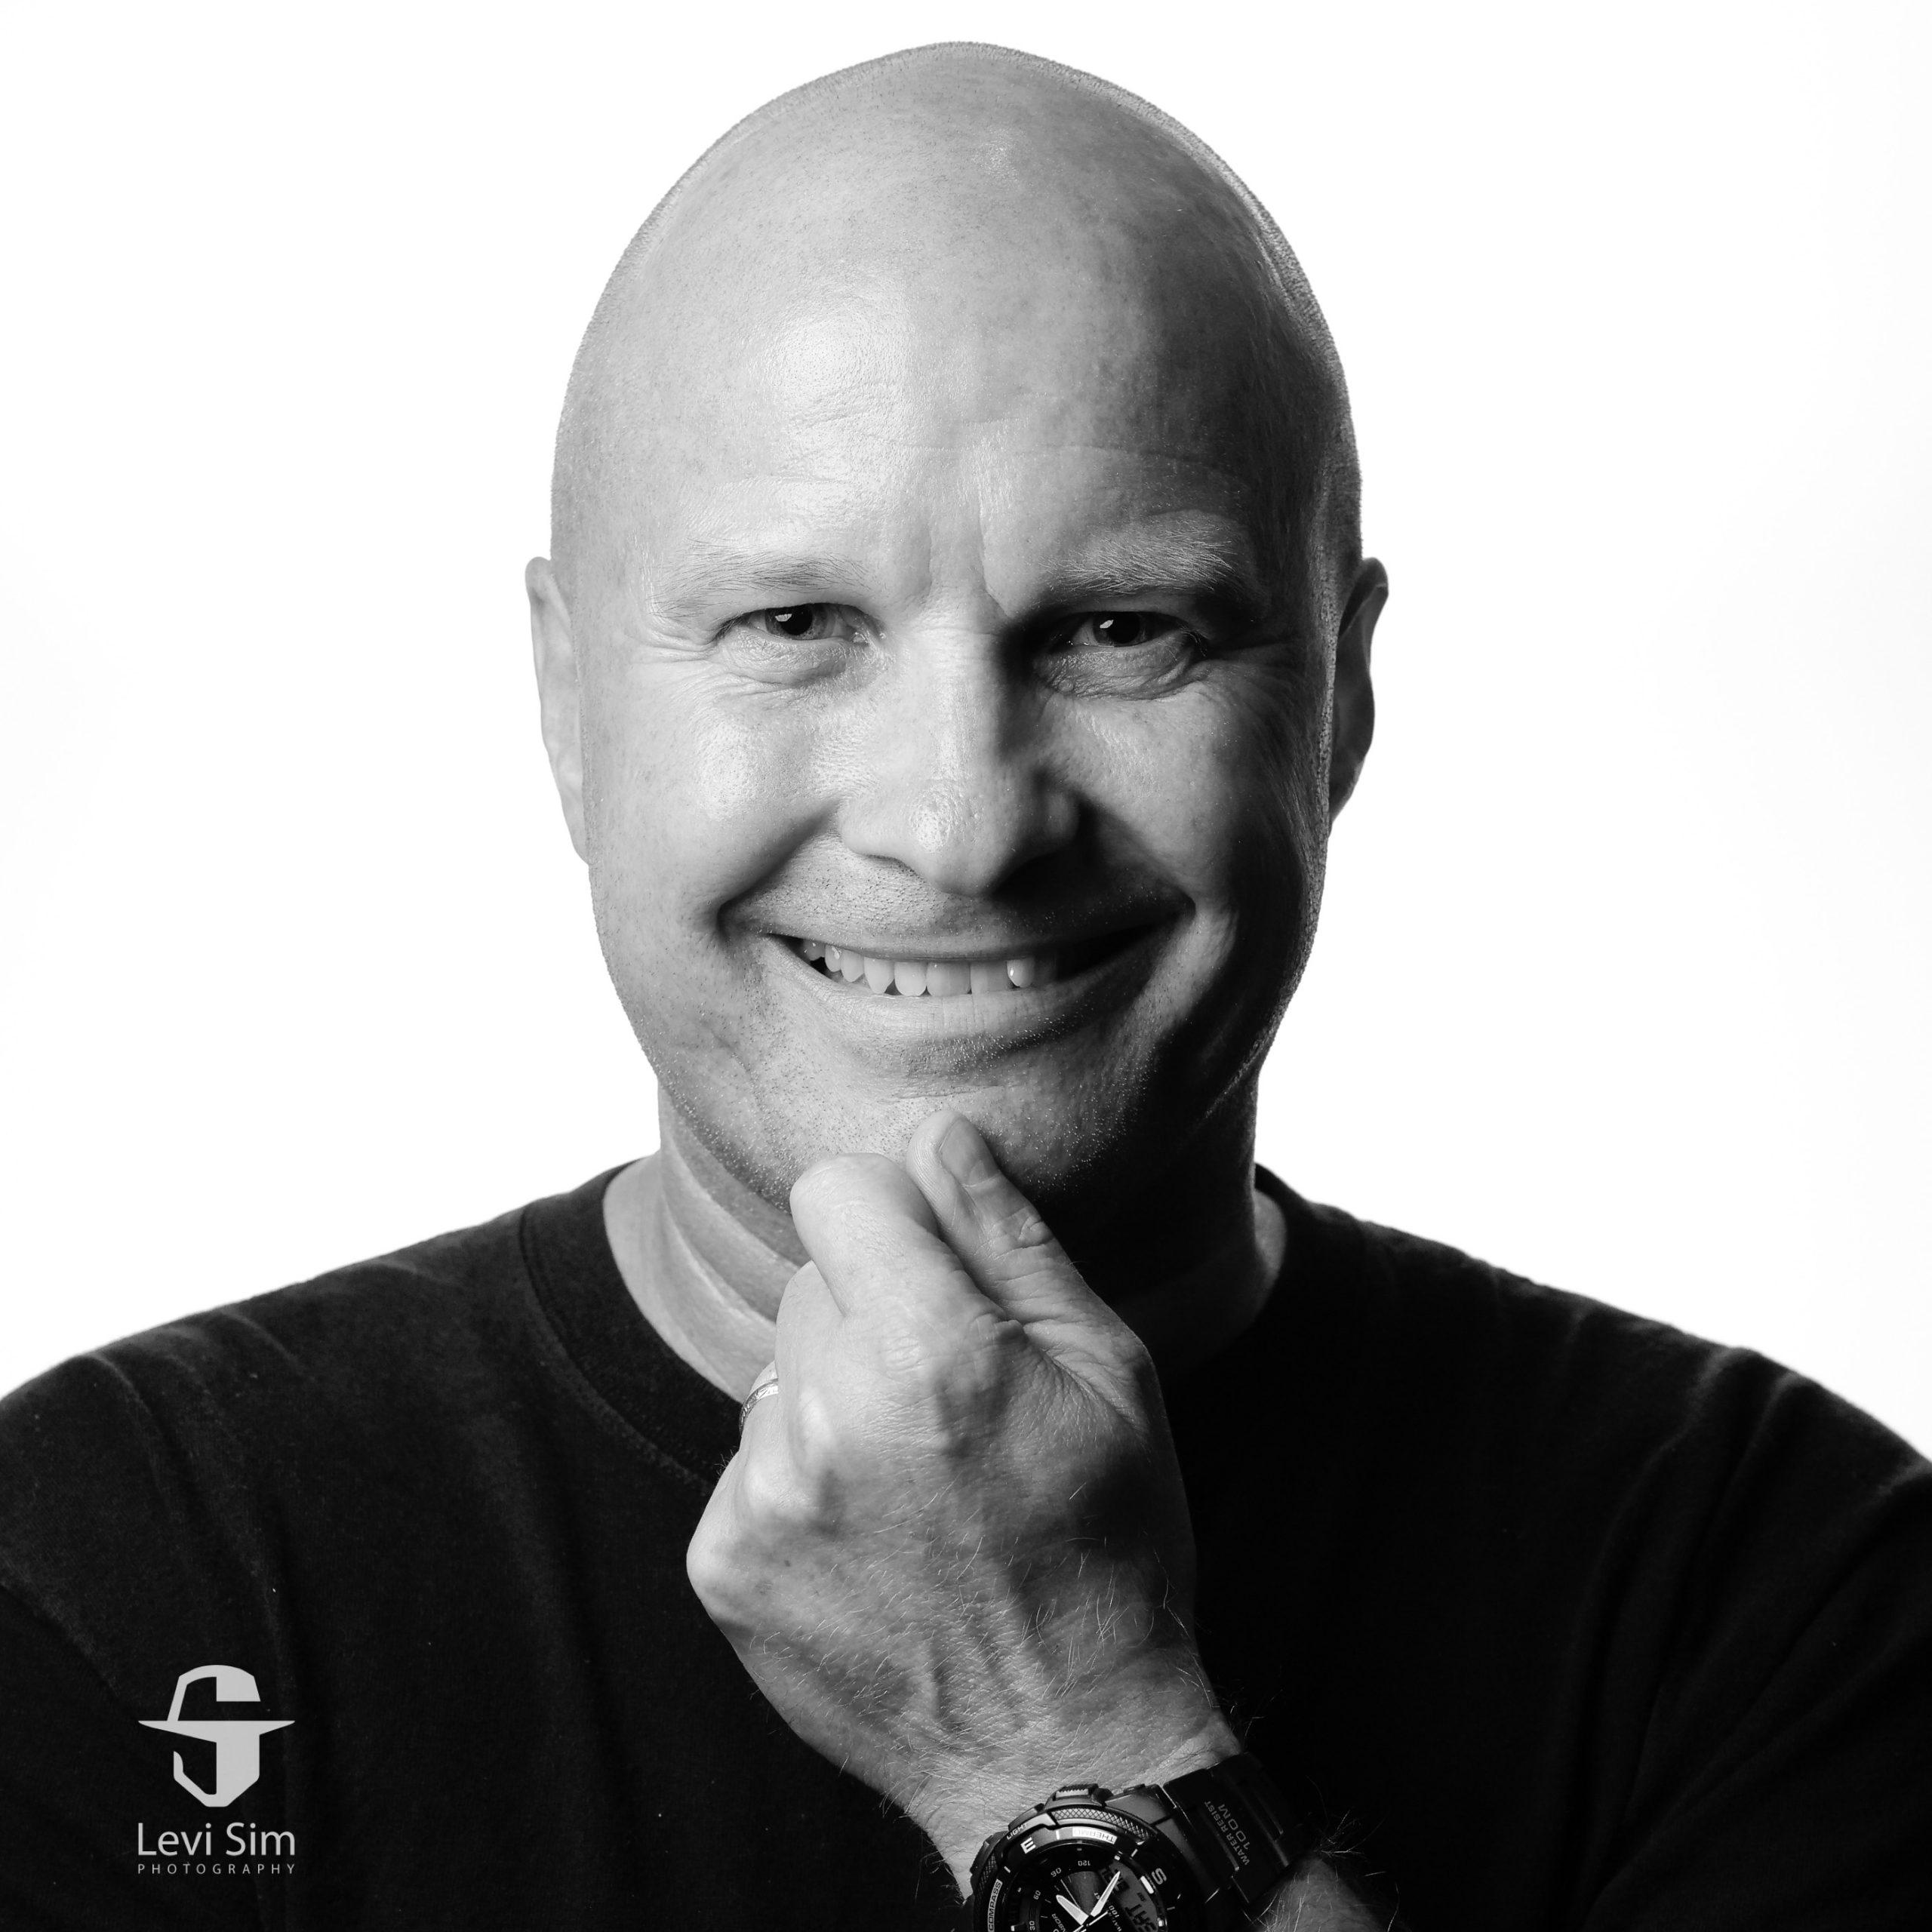 Levi Sim Steve Jobs Portrait Project Out Of Chicago 2017-52